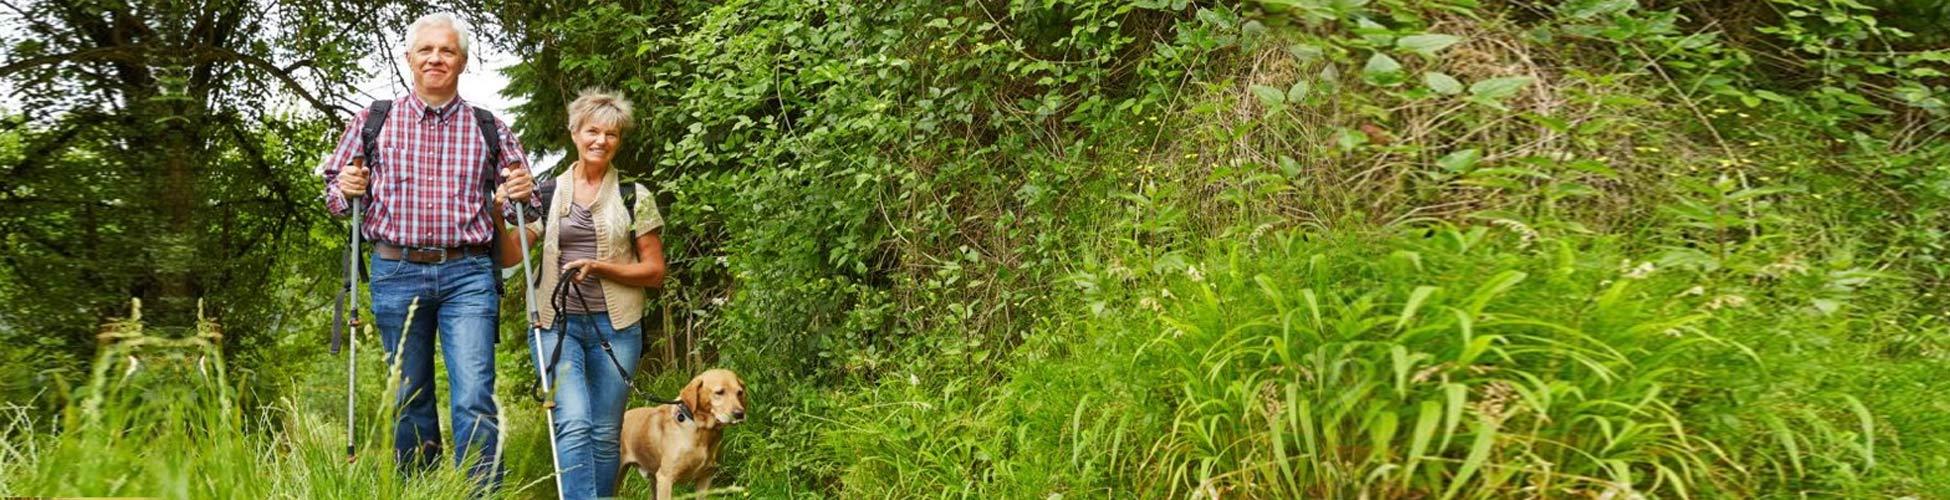 Zeckstick- Zeckenentfgerner für Tierliebhaber